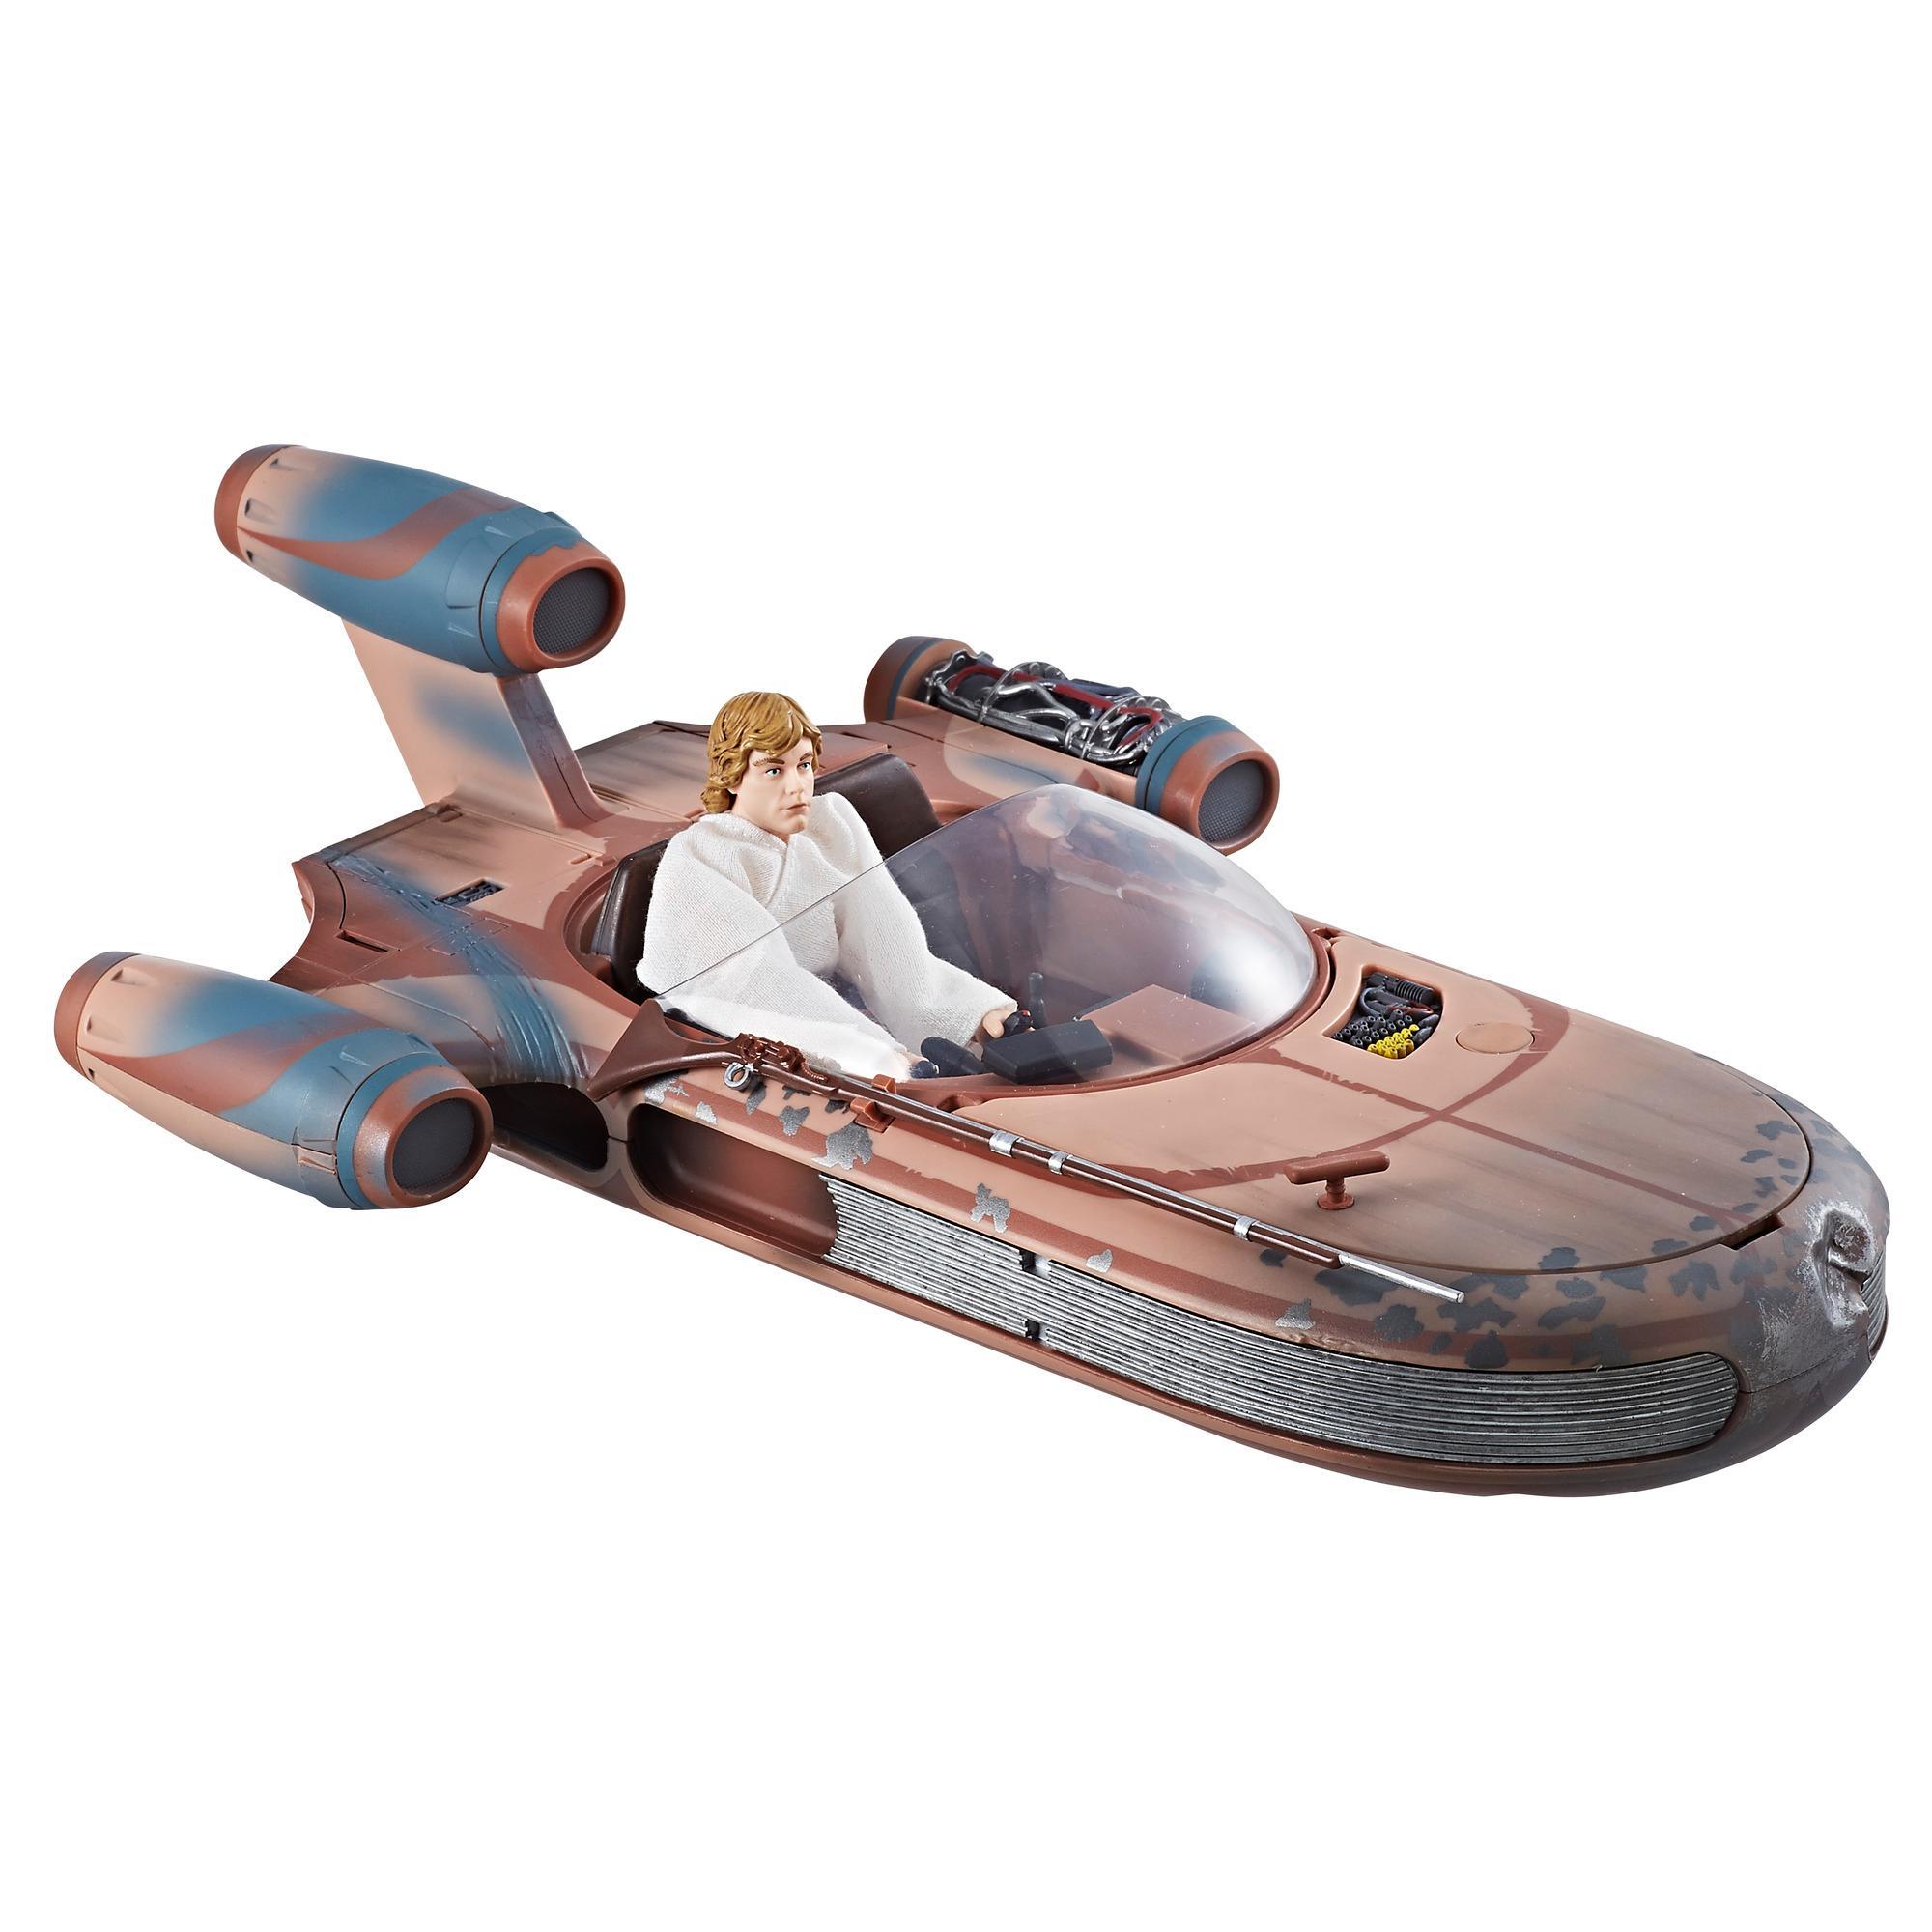 Star Wars Série noire - Landspeeder X-34 & figurine Luke Skywalker